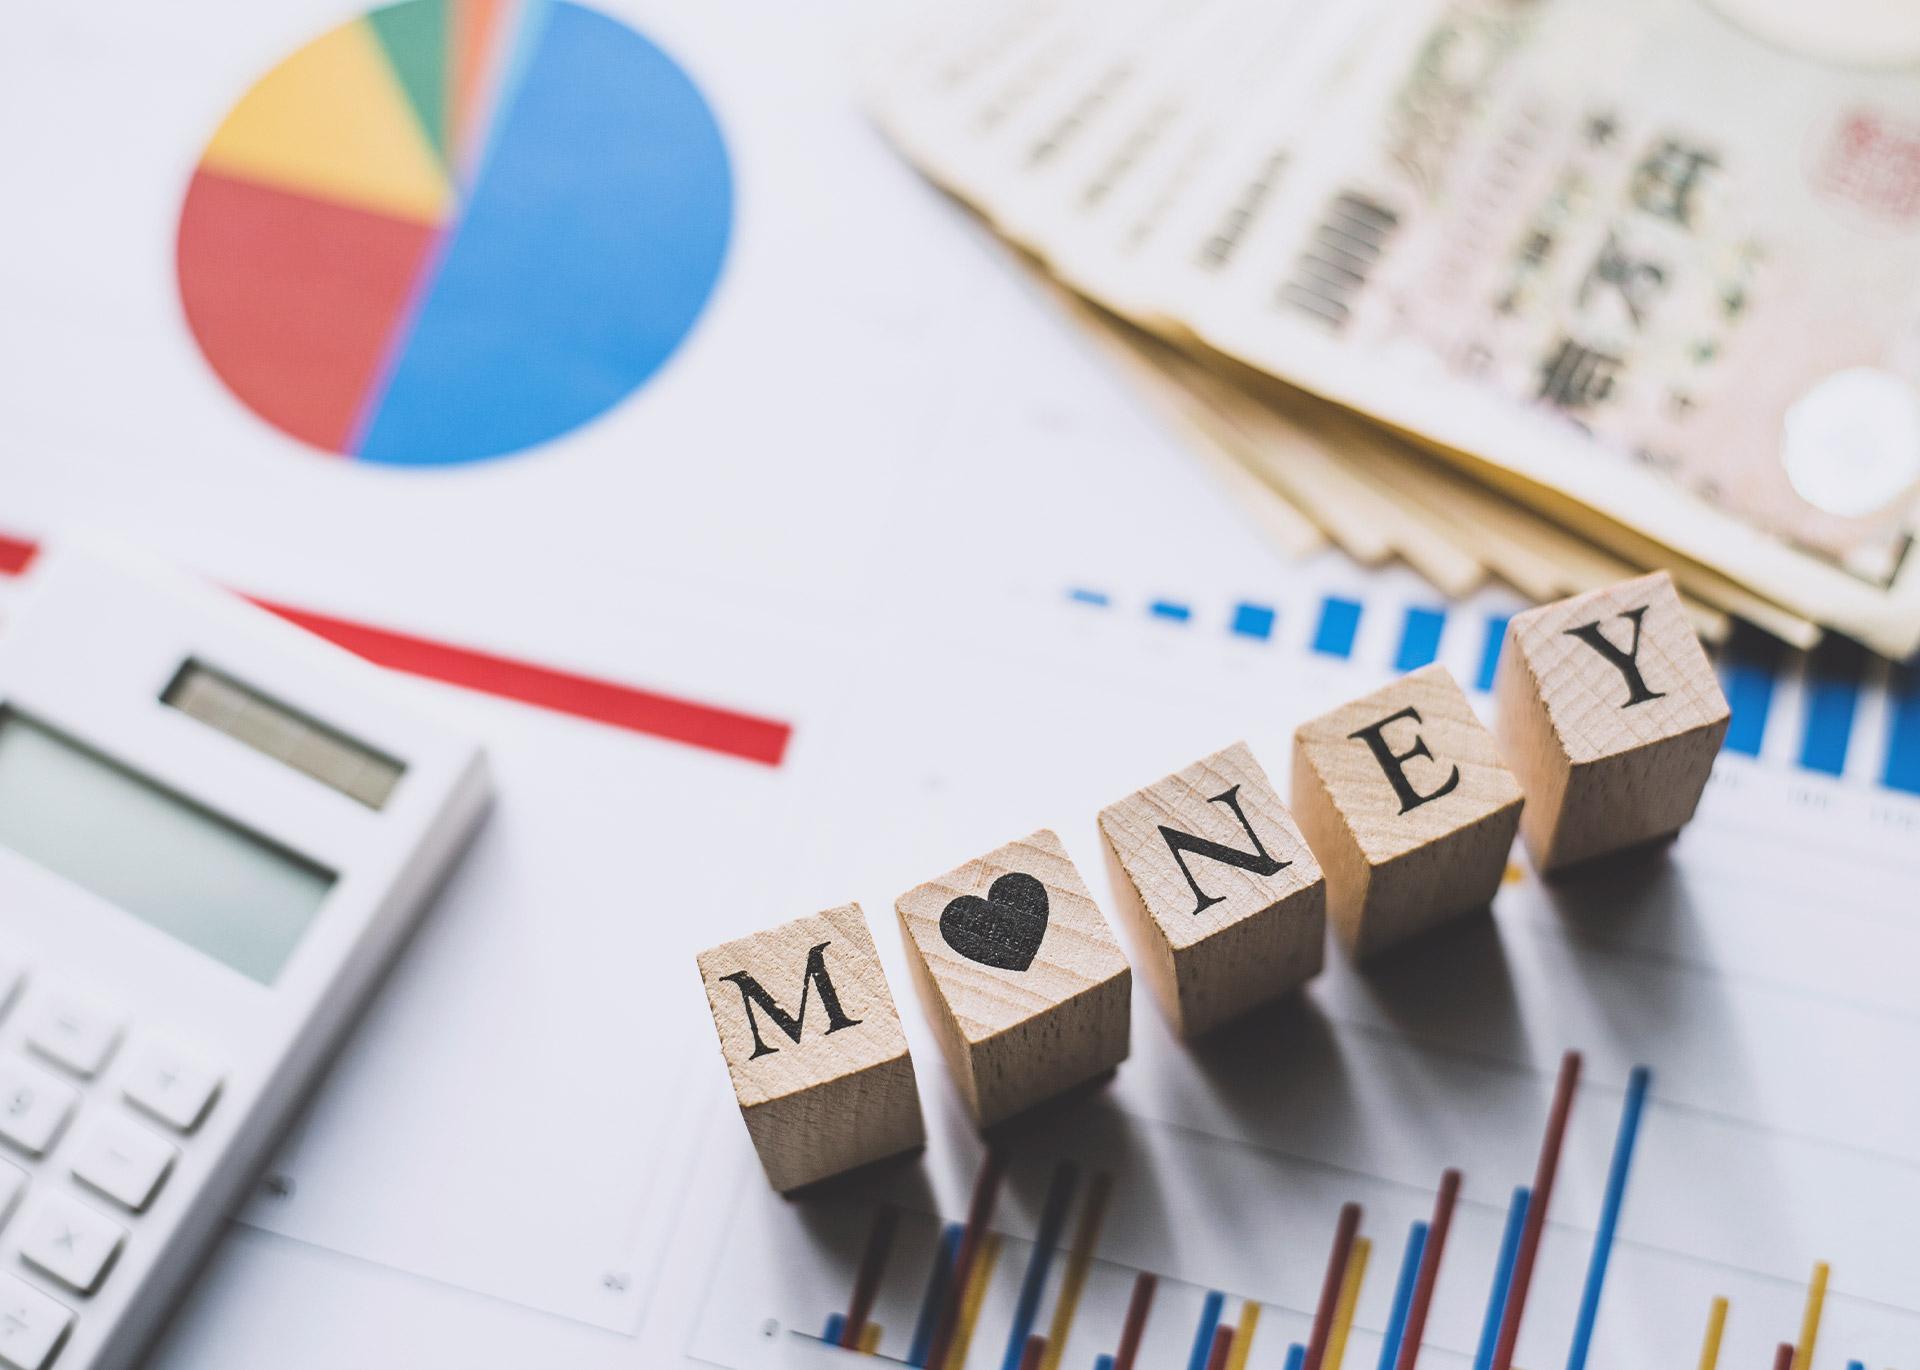 W co najlepiej zainwestować pieniądze w 2021 roku?